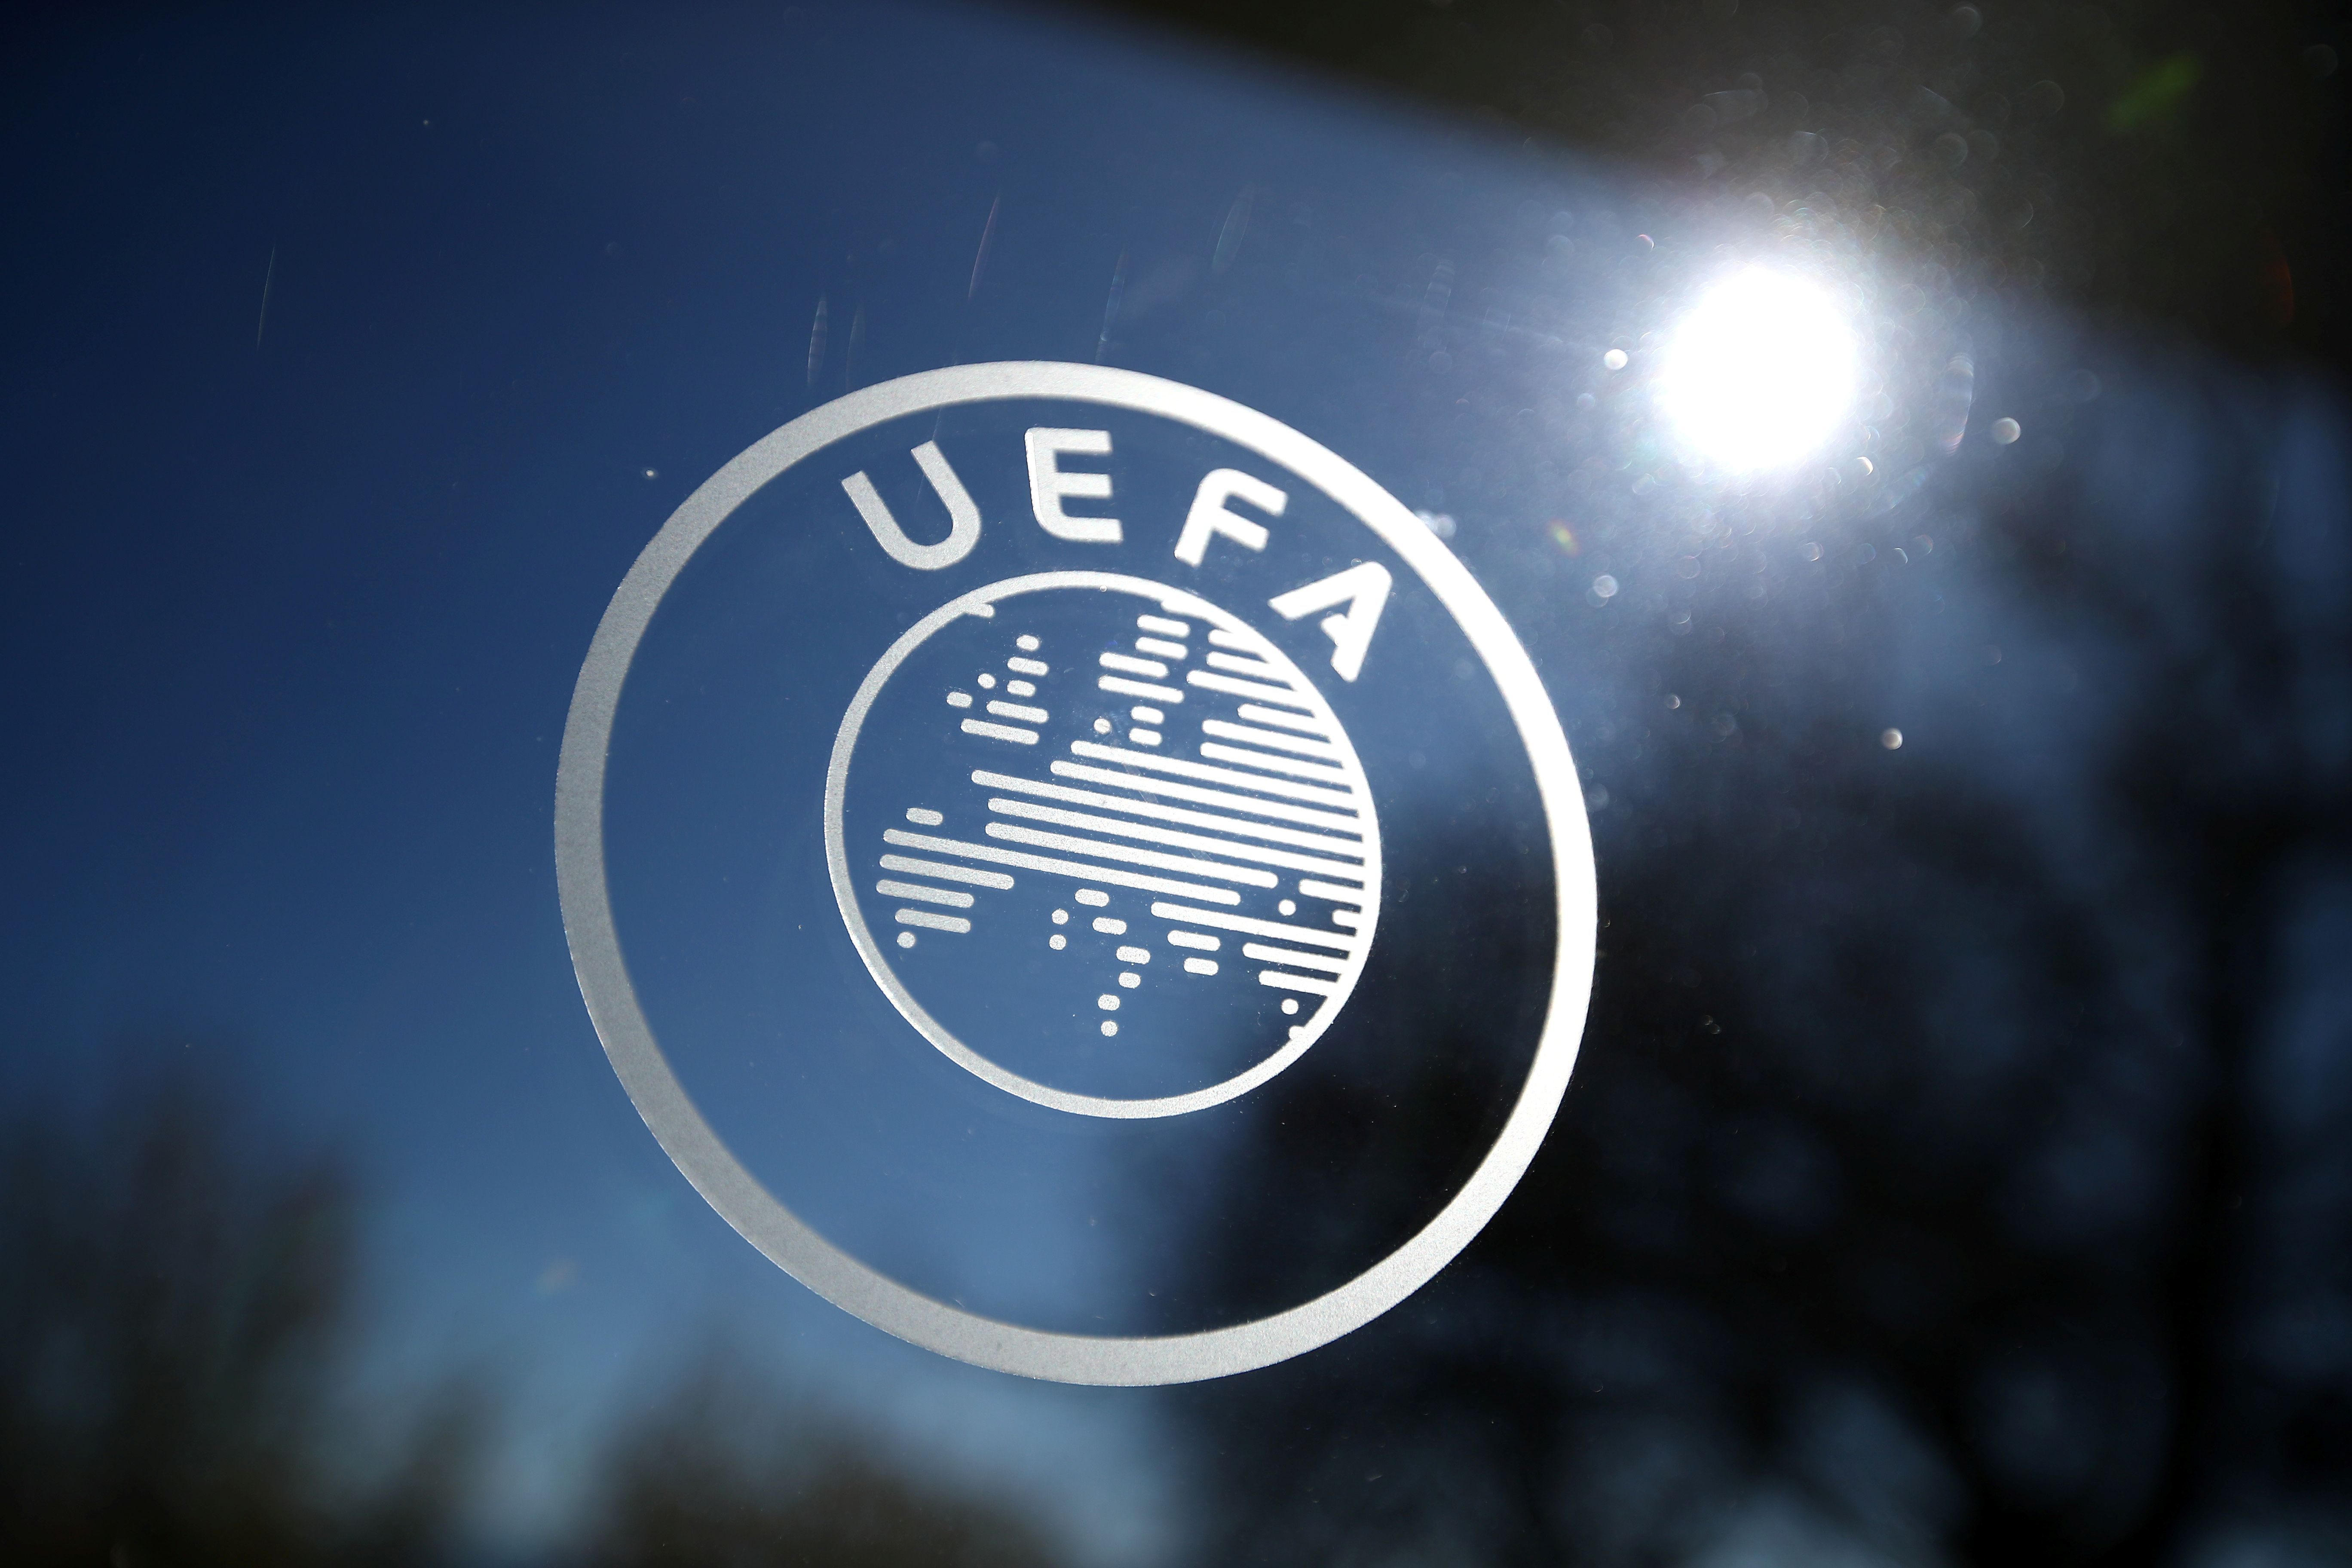 Football - Ligue 1 - la L1 pouvait se terminer après le 3 août, selon l'UEFA